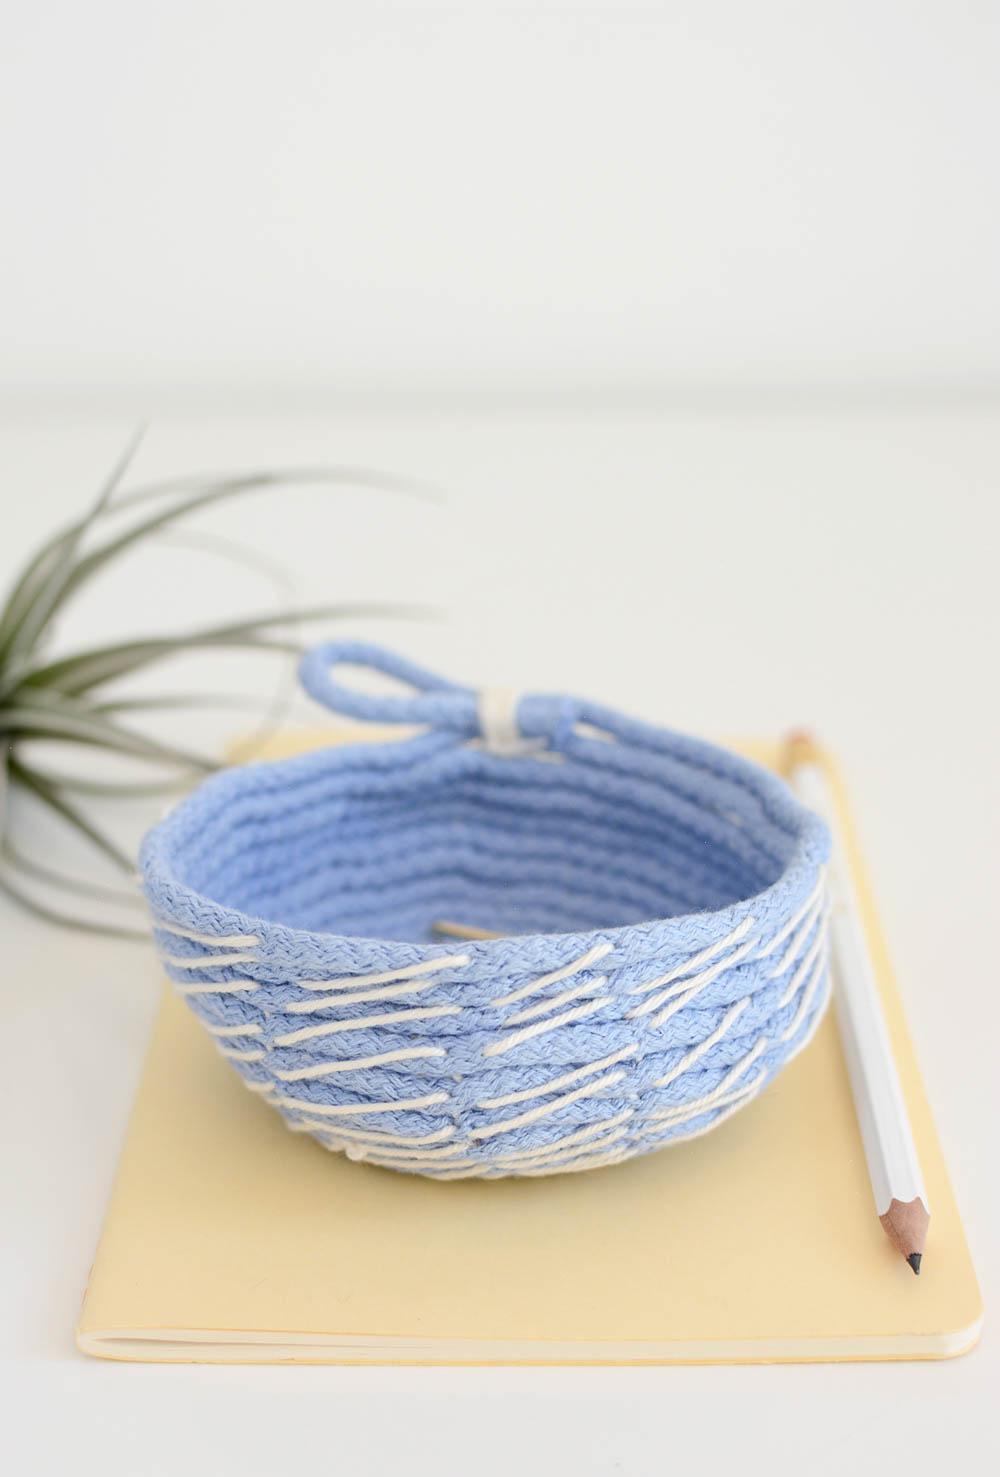 Schale nähen DIY | we love handmade